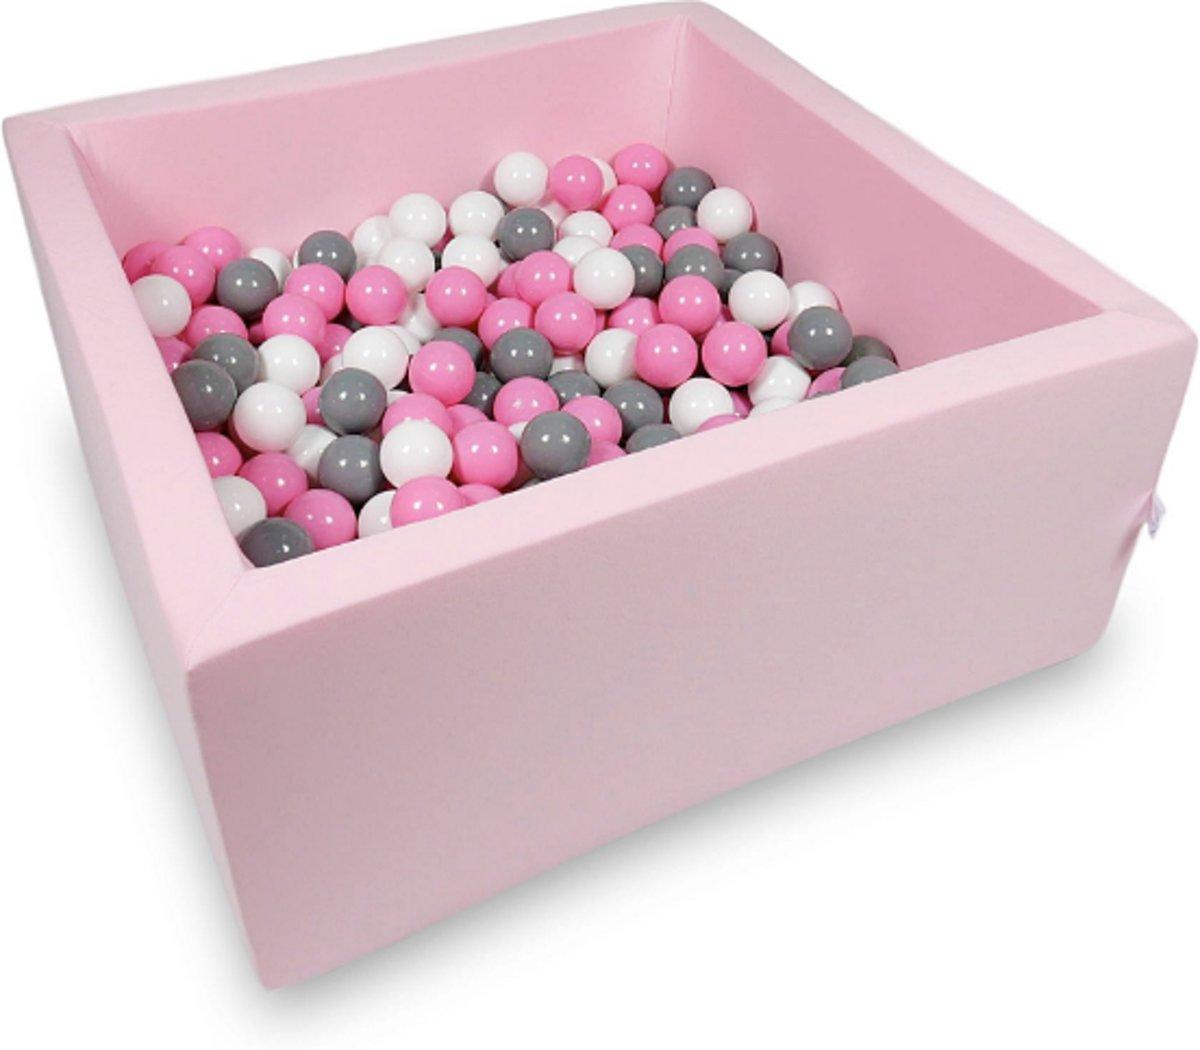 Ballenbak - 400 ballen - 90 x 90 x 40 cm - ballenbad - vierkant roze